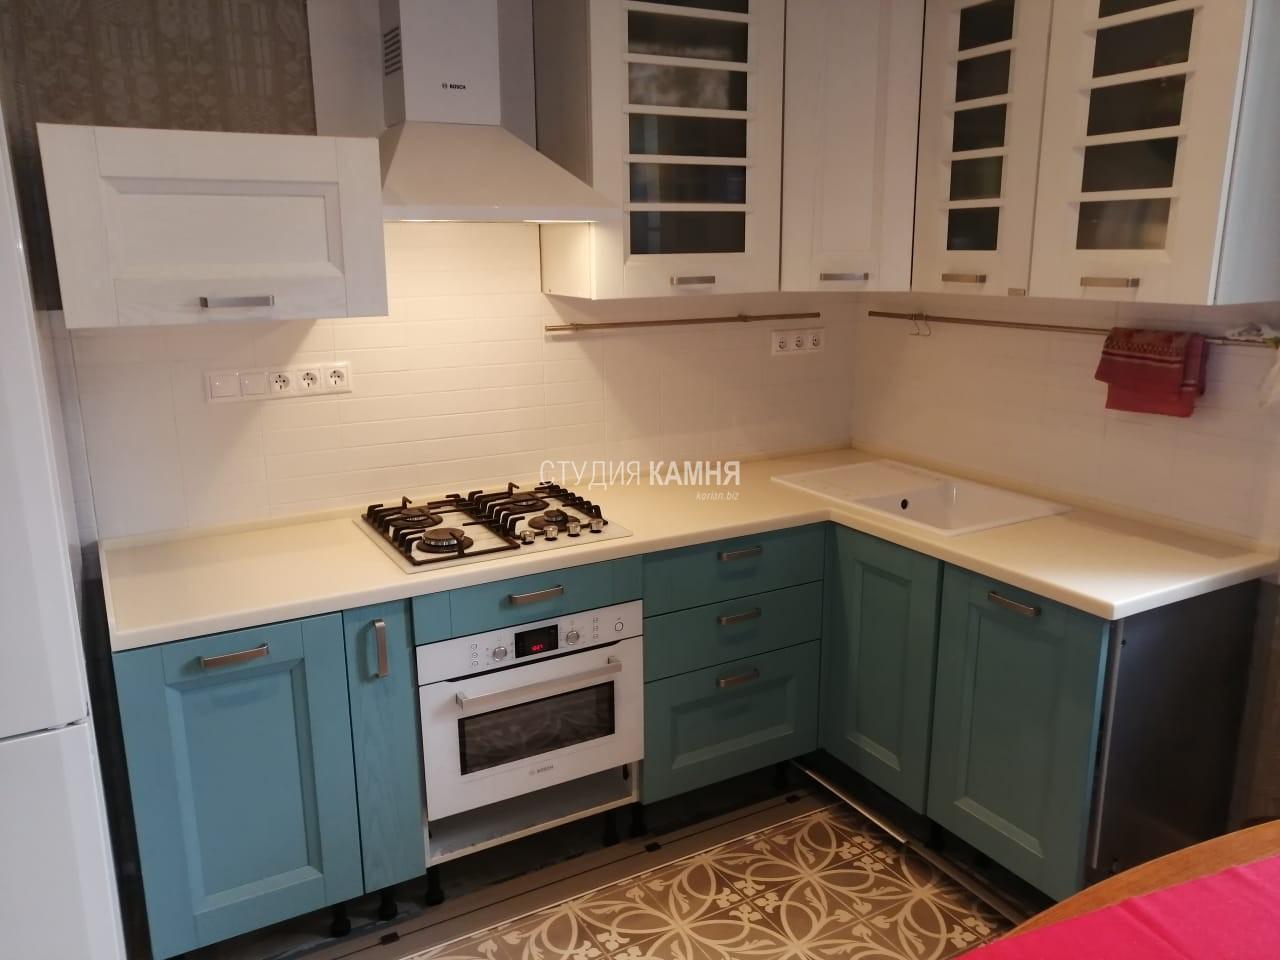 Столешница кухонная белая из искусственного камня